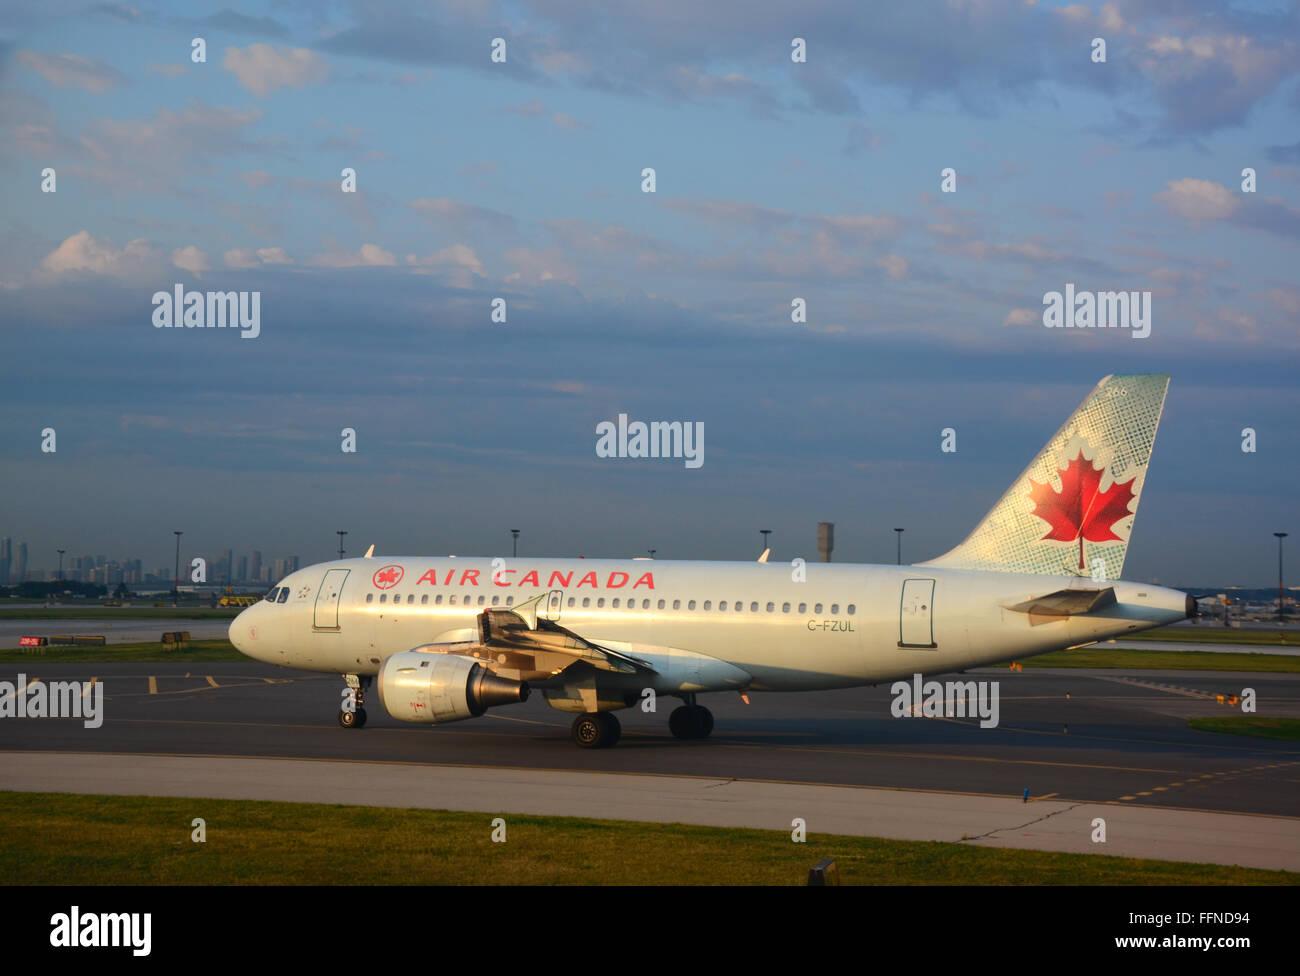 Air Canada velivolo all'Aeroporto Pearson di Toronto, Canada Immagini Stock